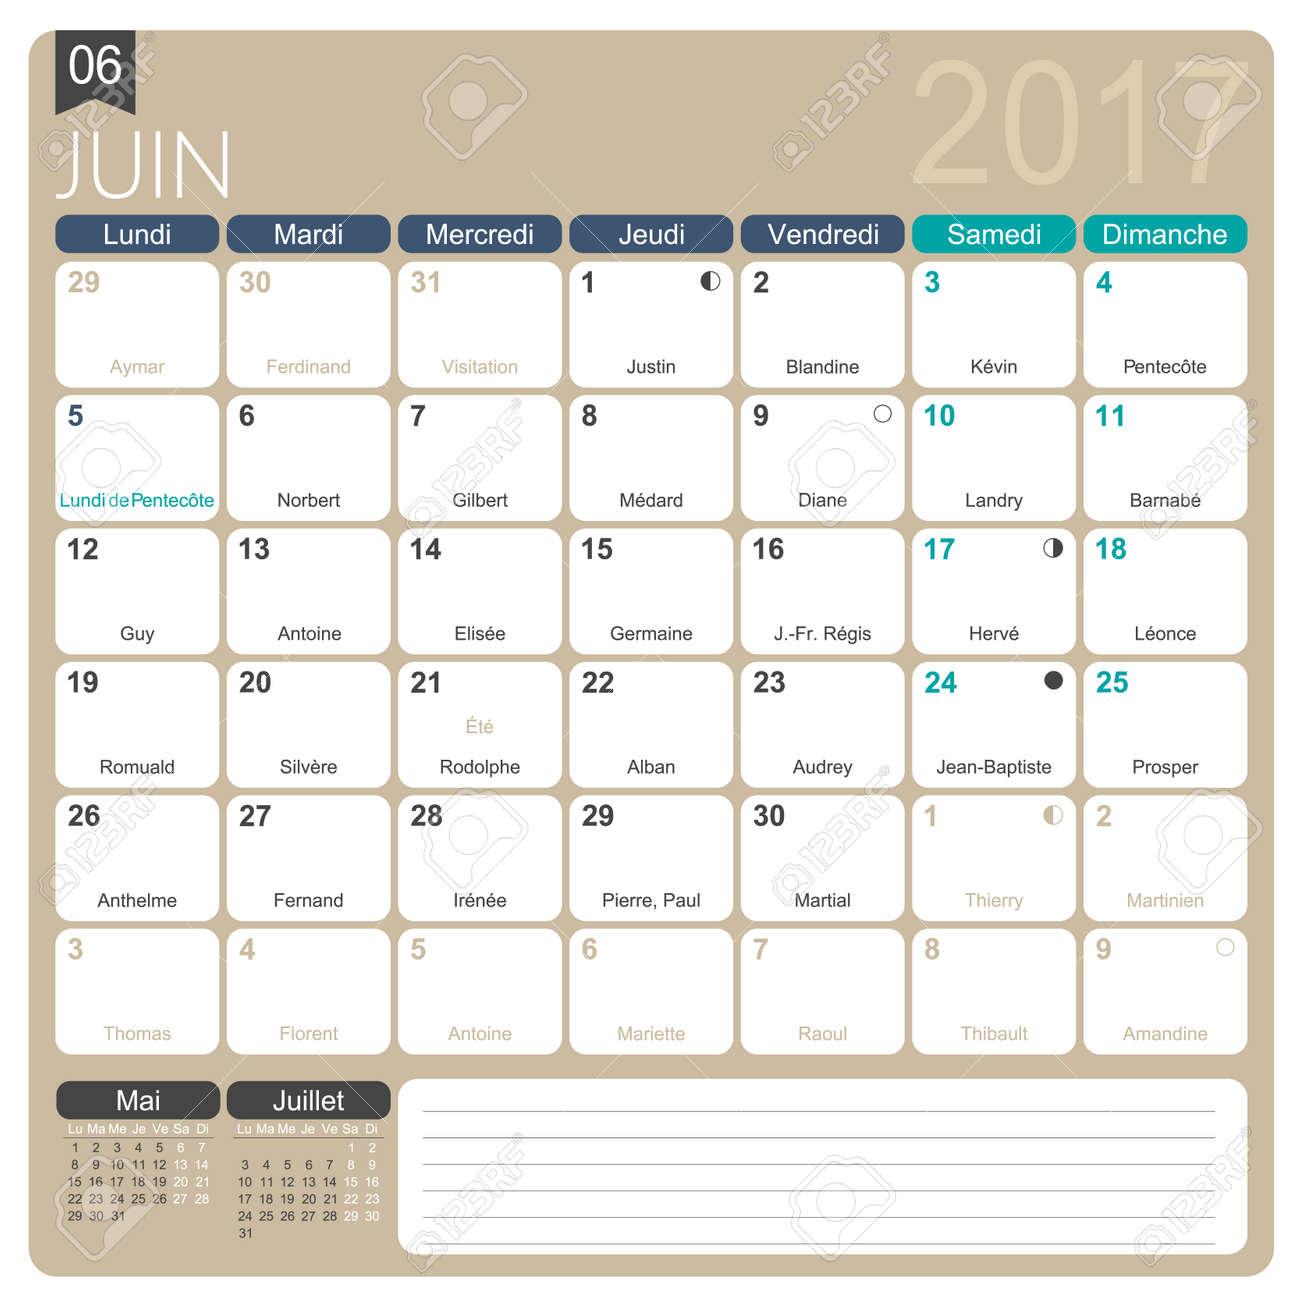 Juin 2017 Francais Imprimer Modele De Calendrier Mensuel Y Compris Les Jours De Nom Phases Lunaires Et Les Jours Feries